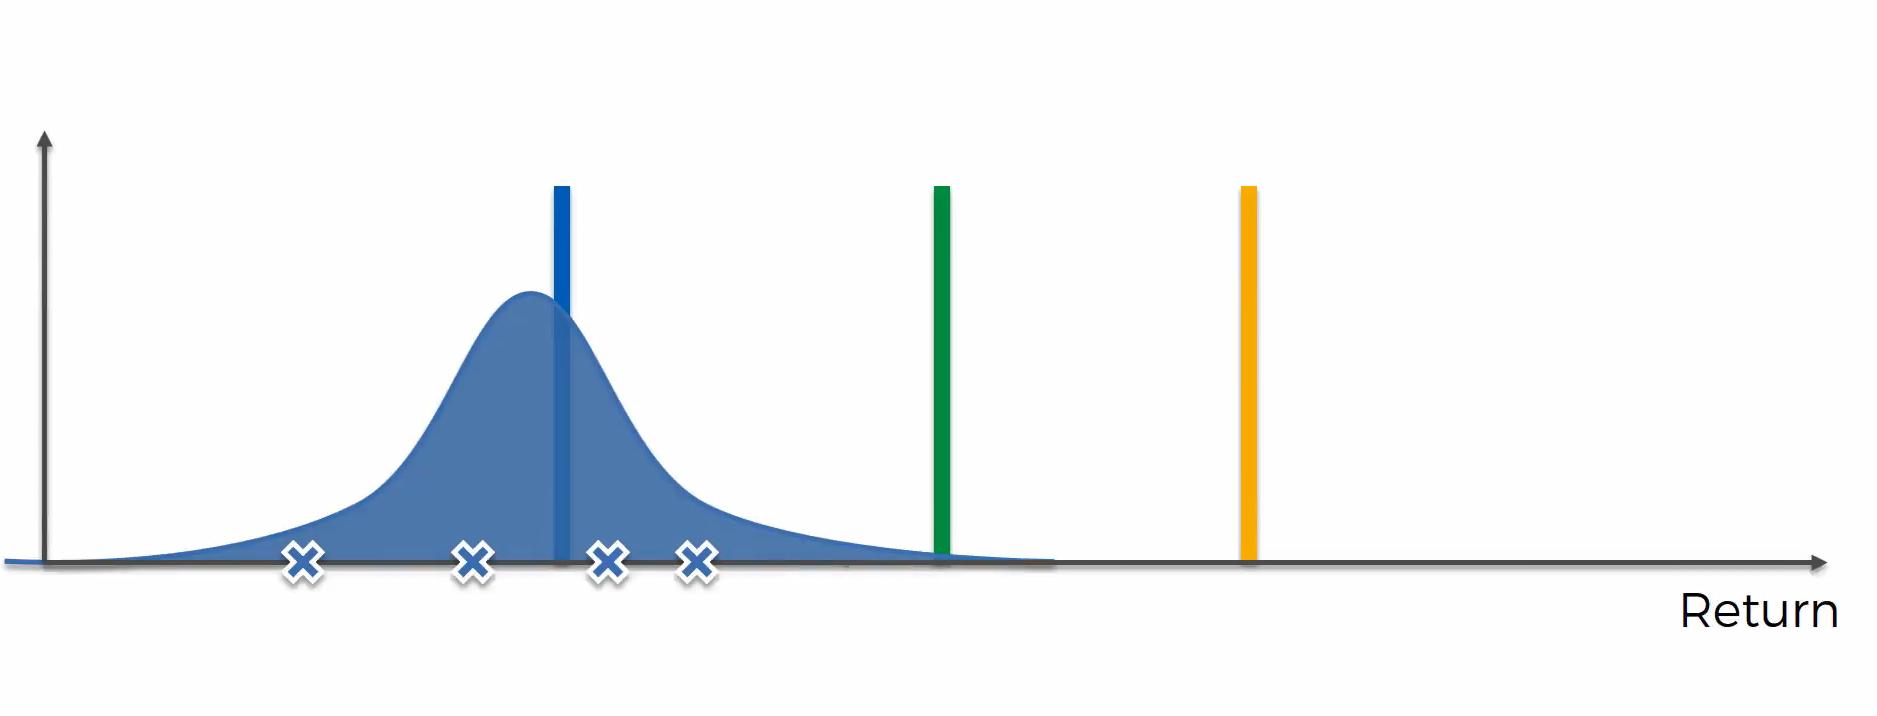 Maschinenlernen. Reinforcement Learning. Thompson Sampling Algorithmus. Funktionsweise – Schritt 1